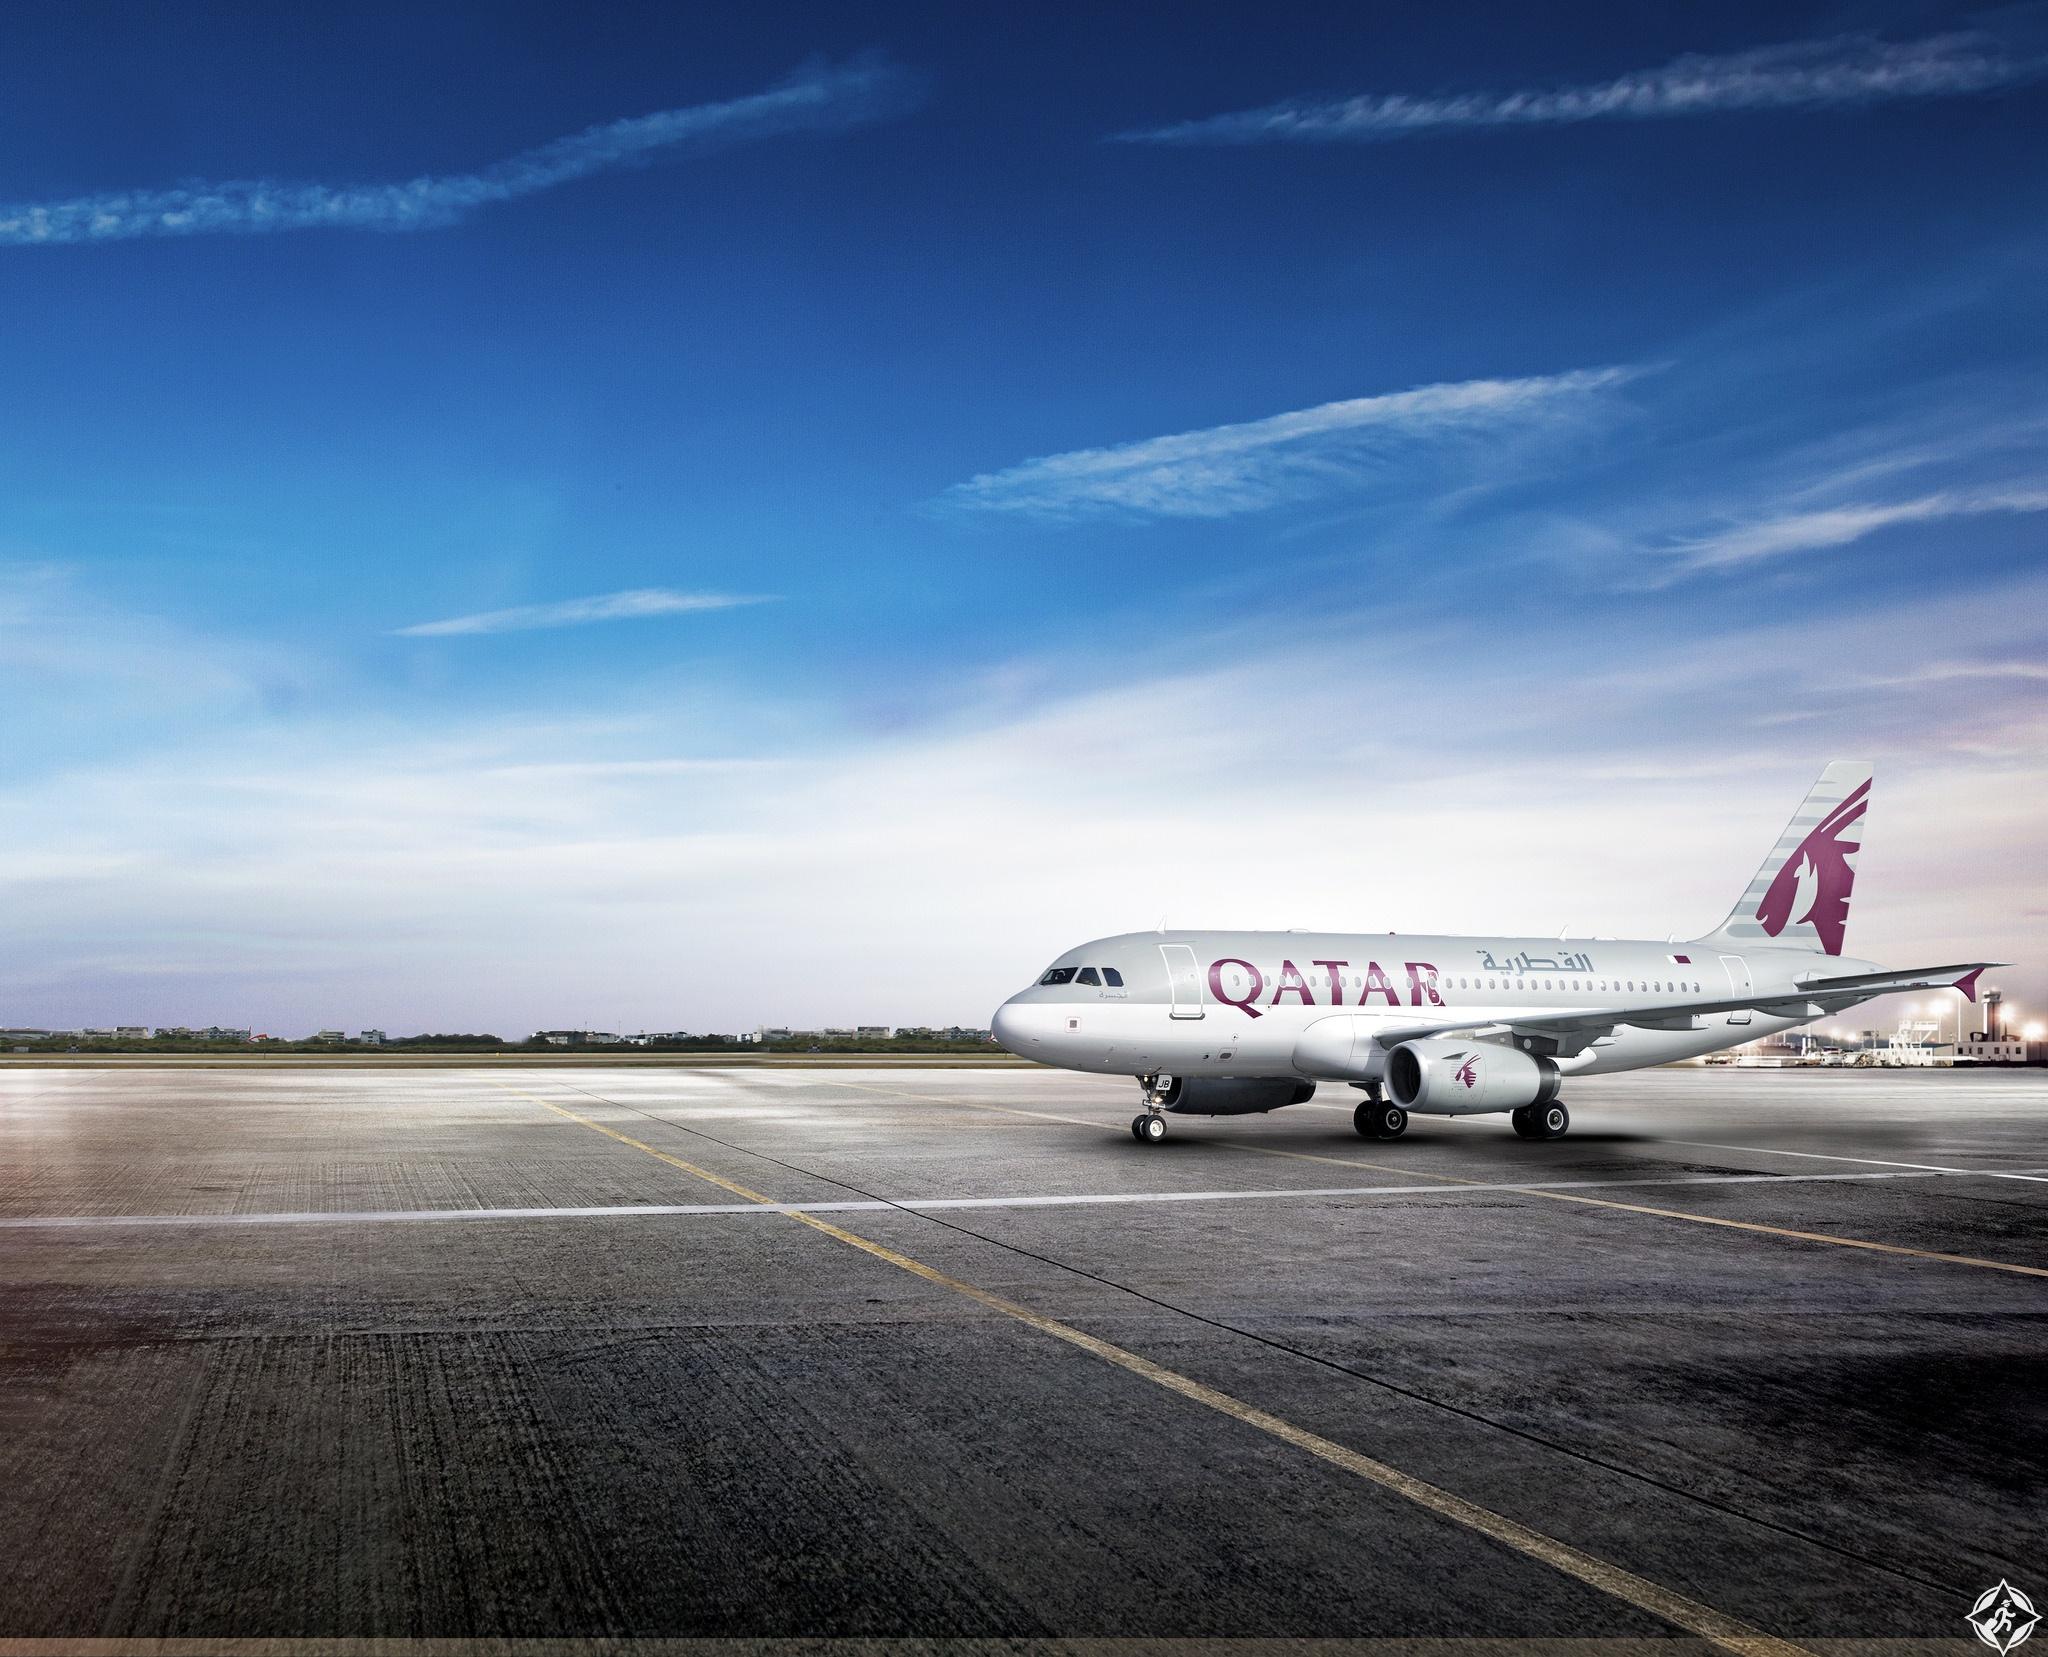 الخطوط القطرية إيرباص A319